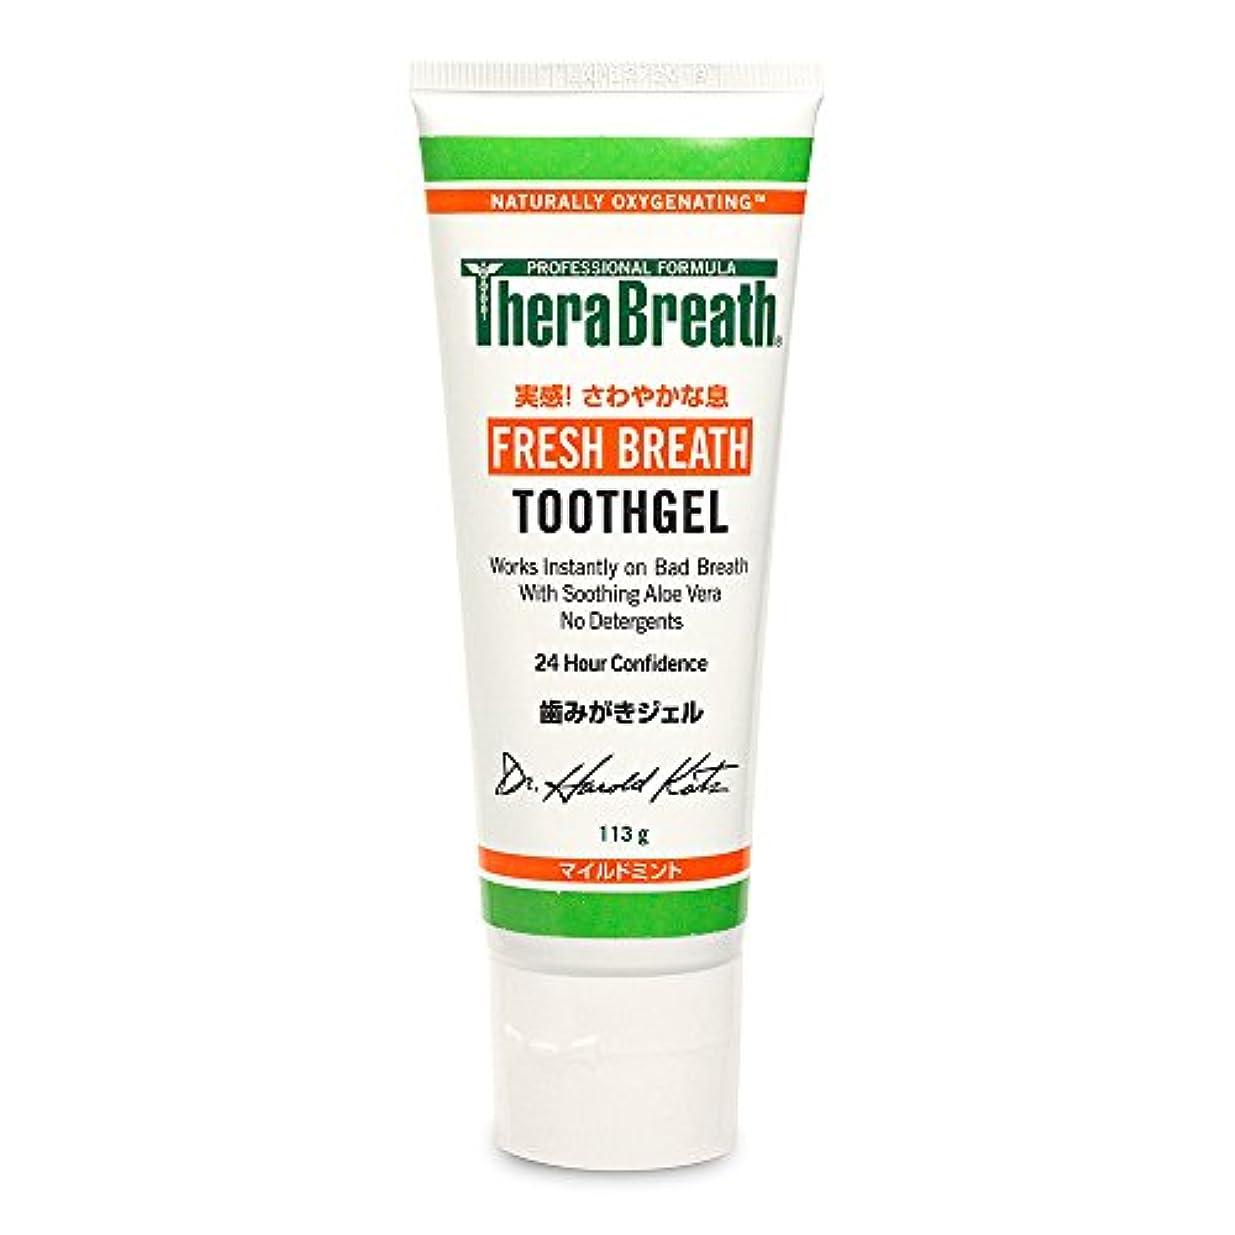 言い訳歩く飢饉TheraBreath (セラブレス) セラブレストゥースジェル 113g (正規輸入品) 舌磨き